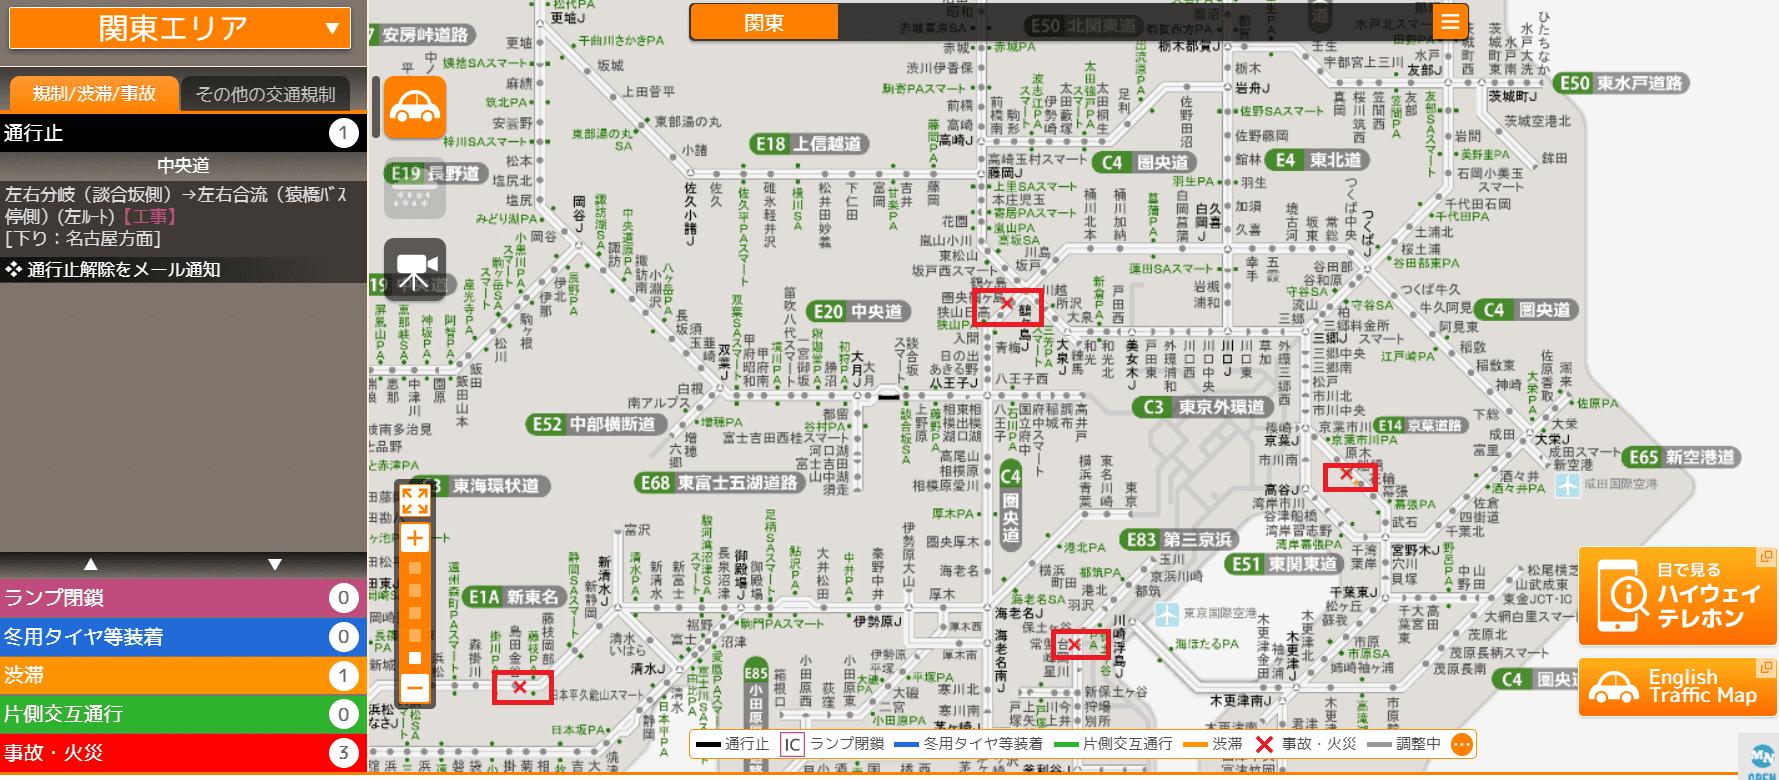 車の渋滞の詳細